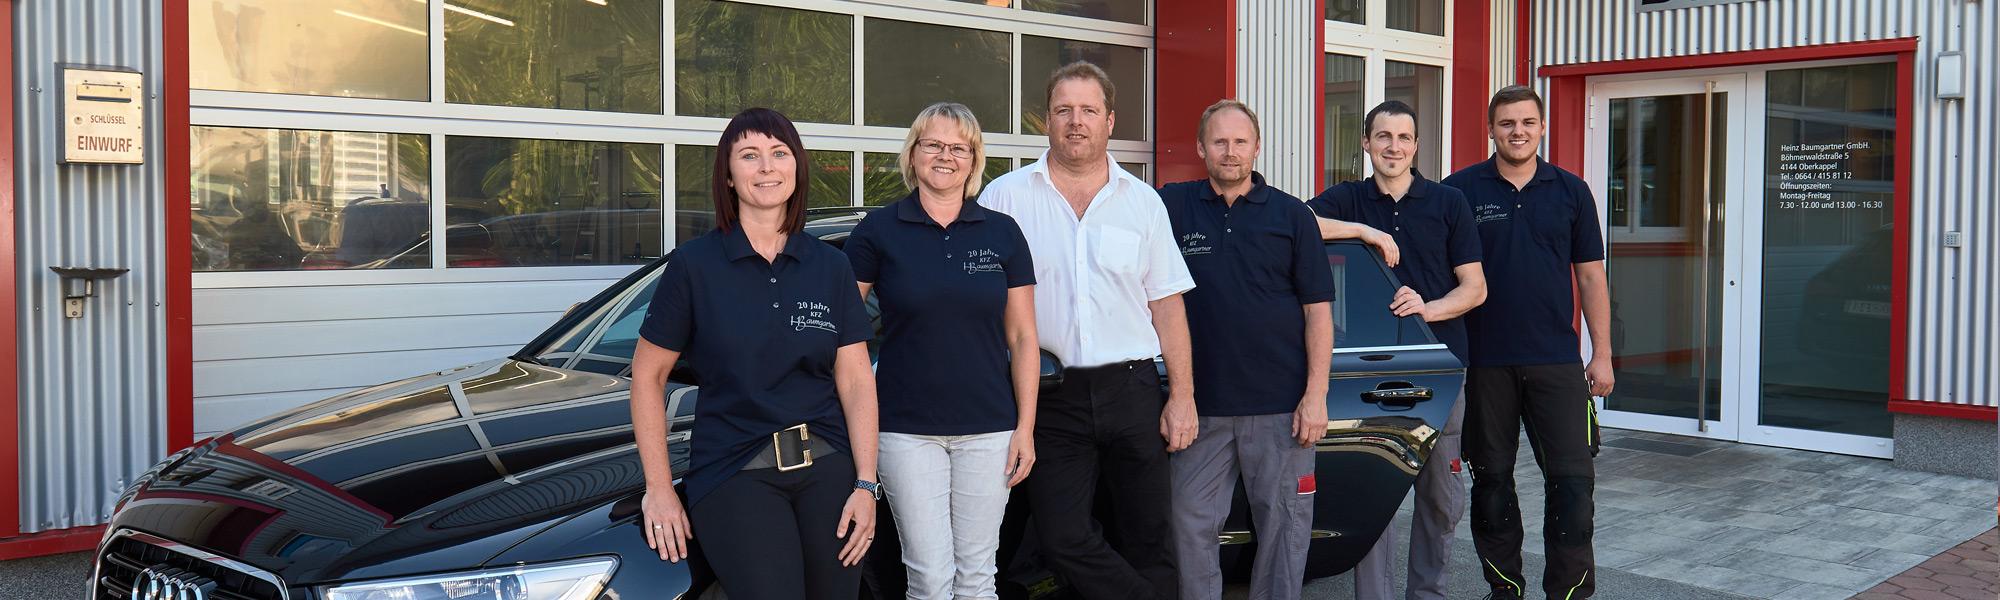 Das Team von KFZ-Baumgartner aus dem Bezirk Rohrbach in Oberkappel